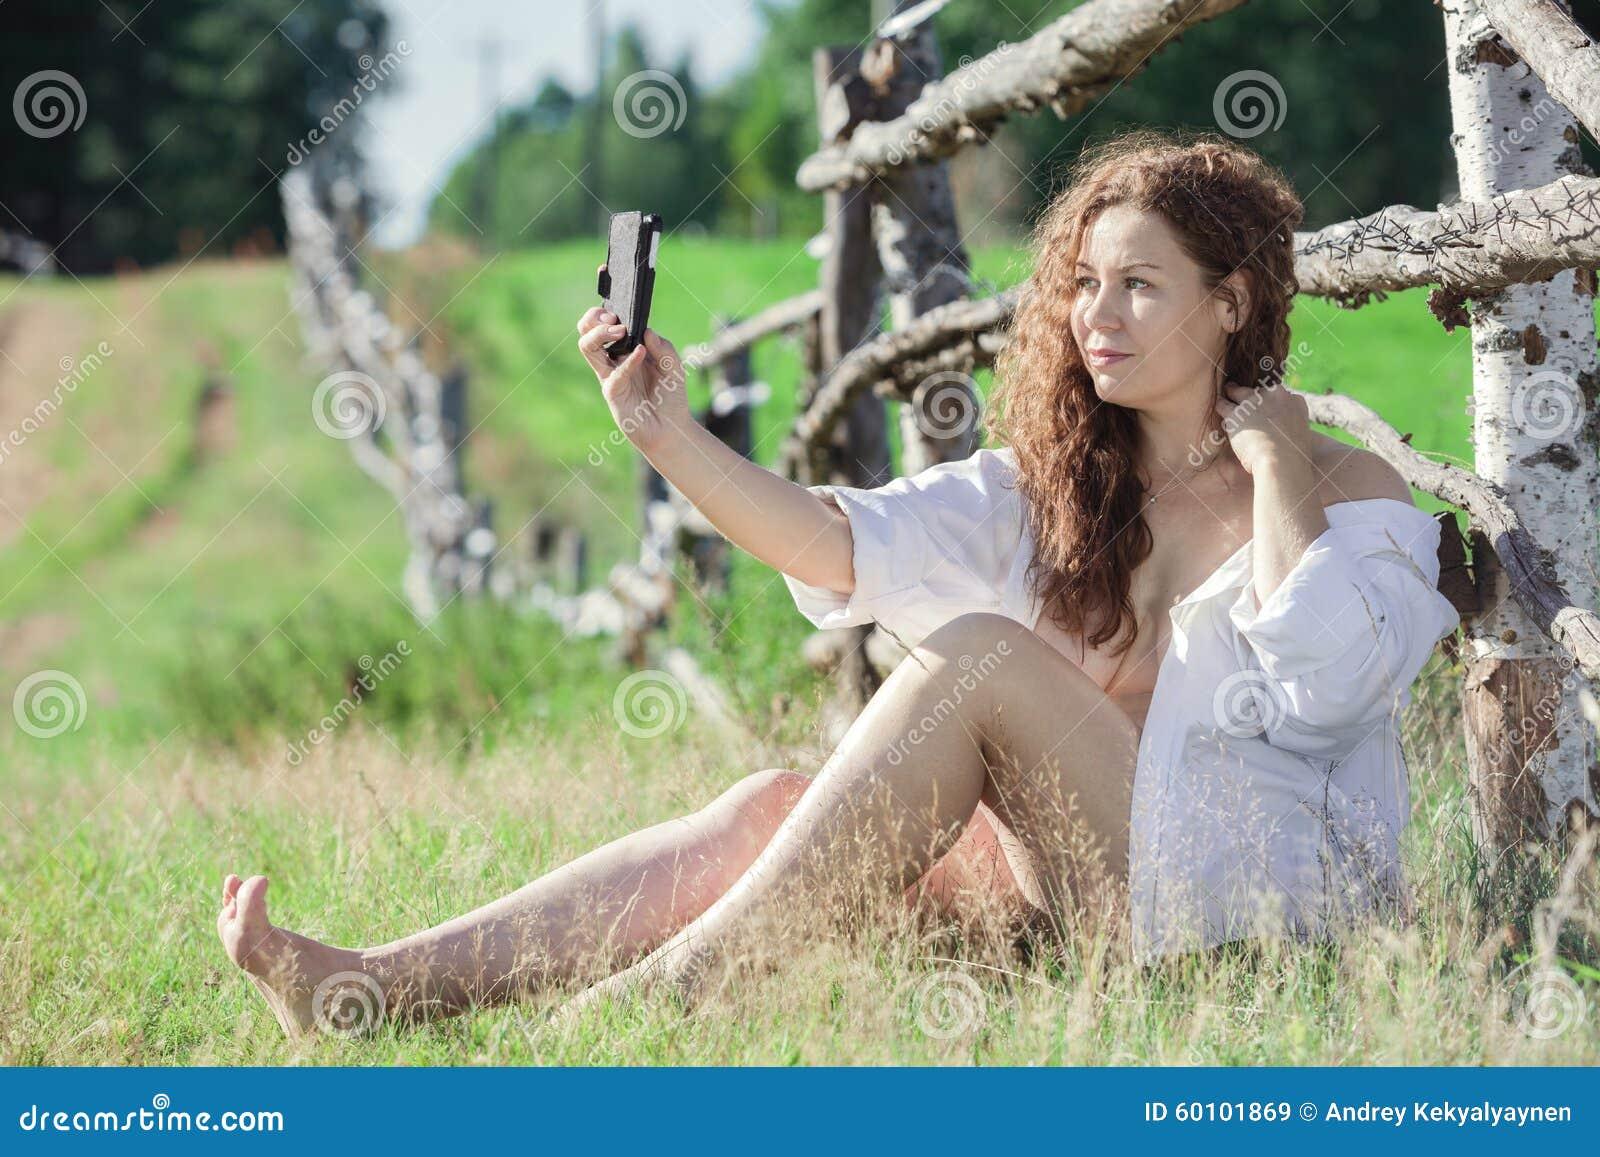 Naked cell Girl selfie